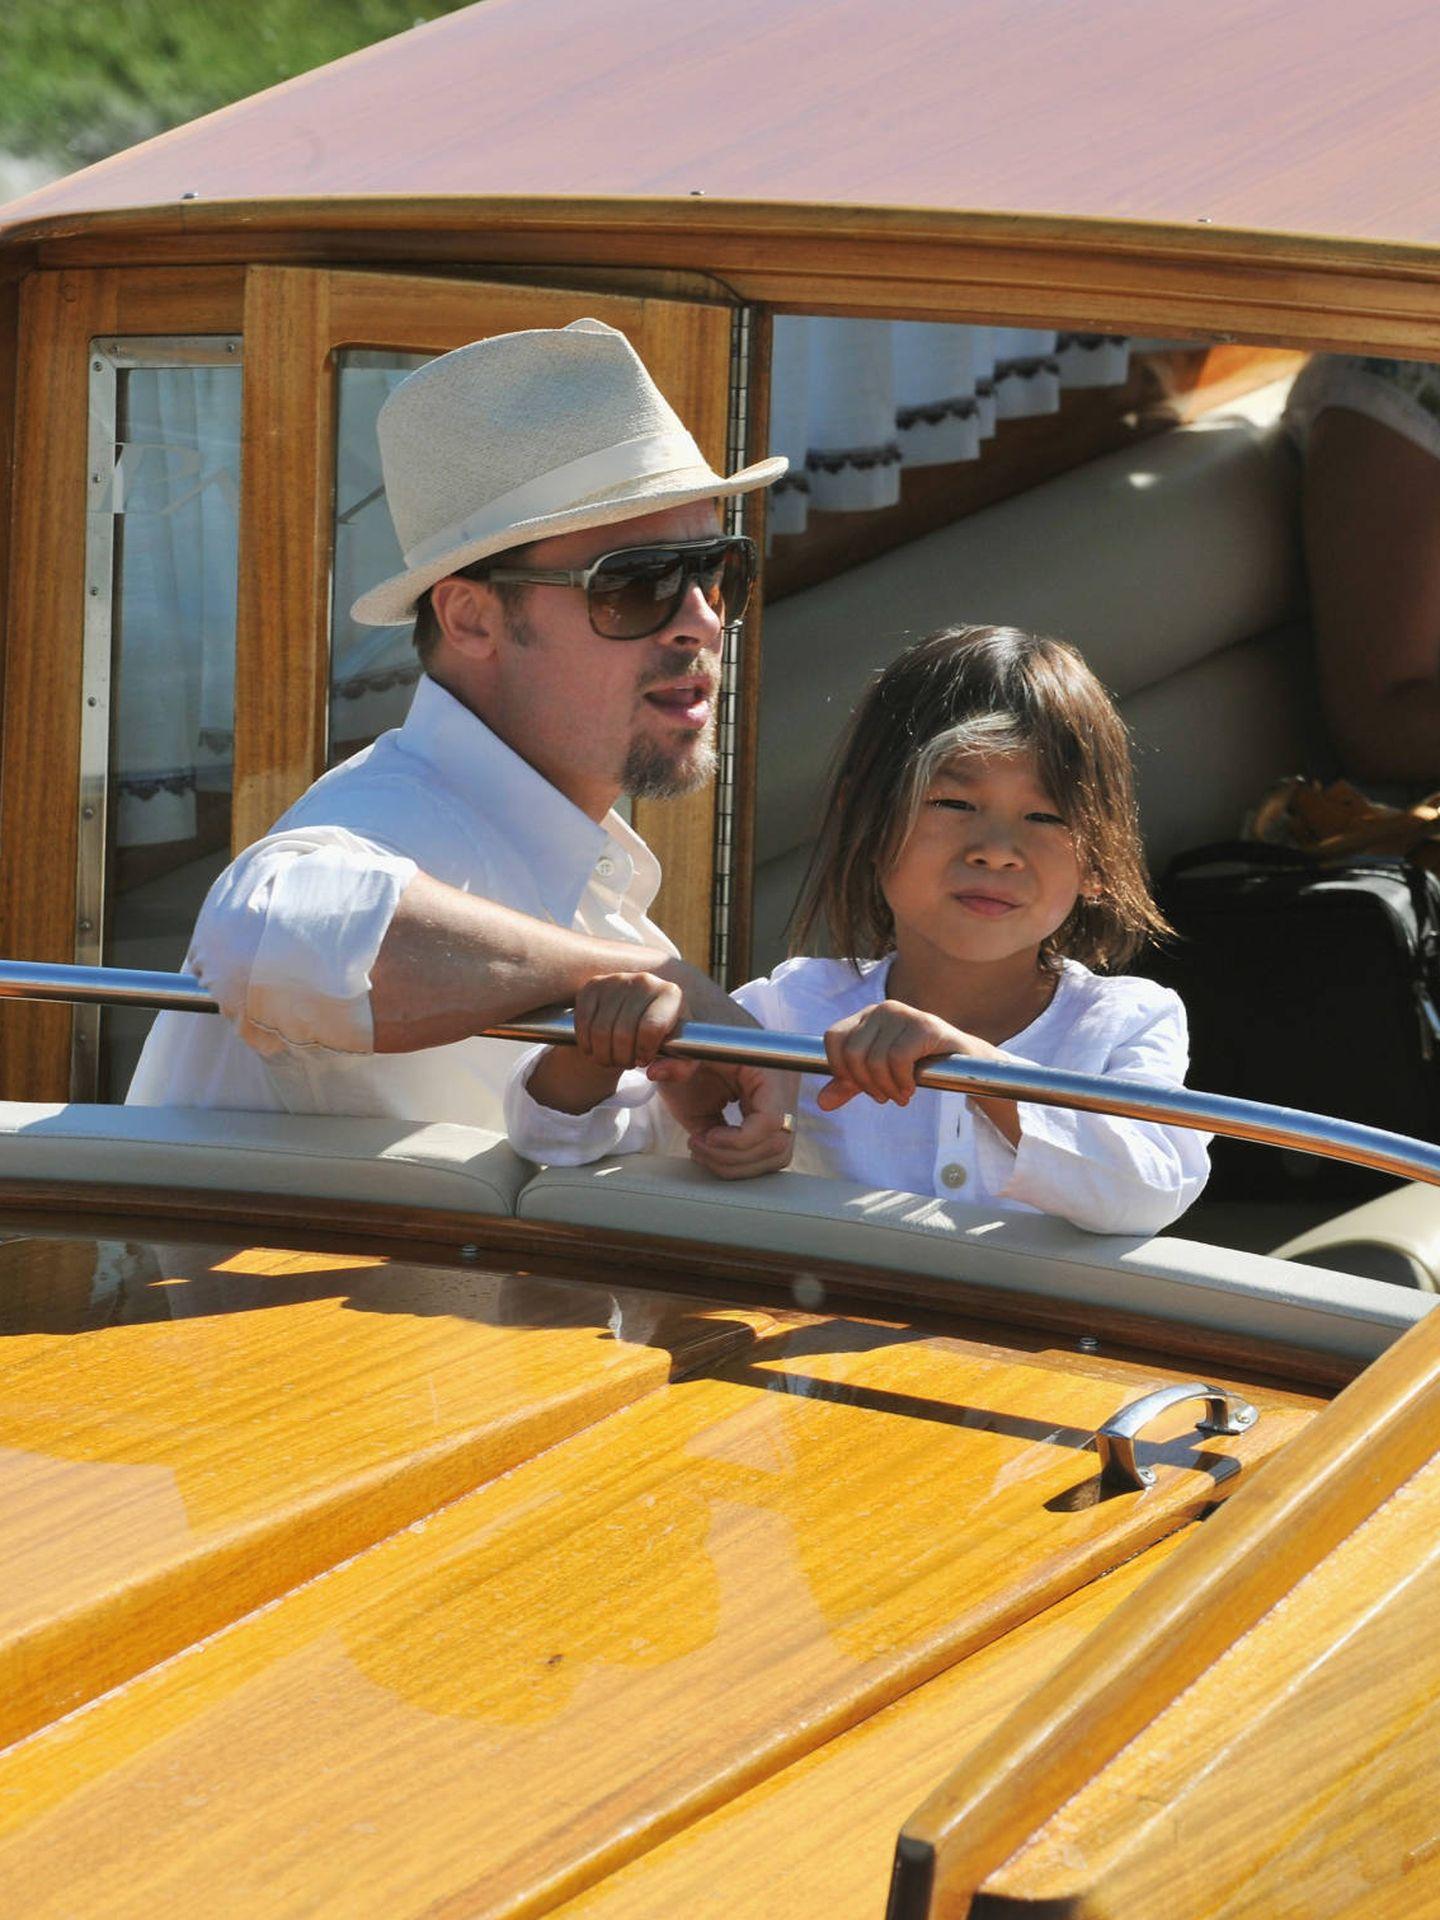 Pax y Brad Pitt, llegando a Venecia. (Getty)